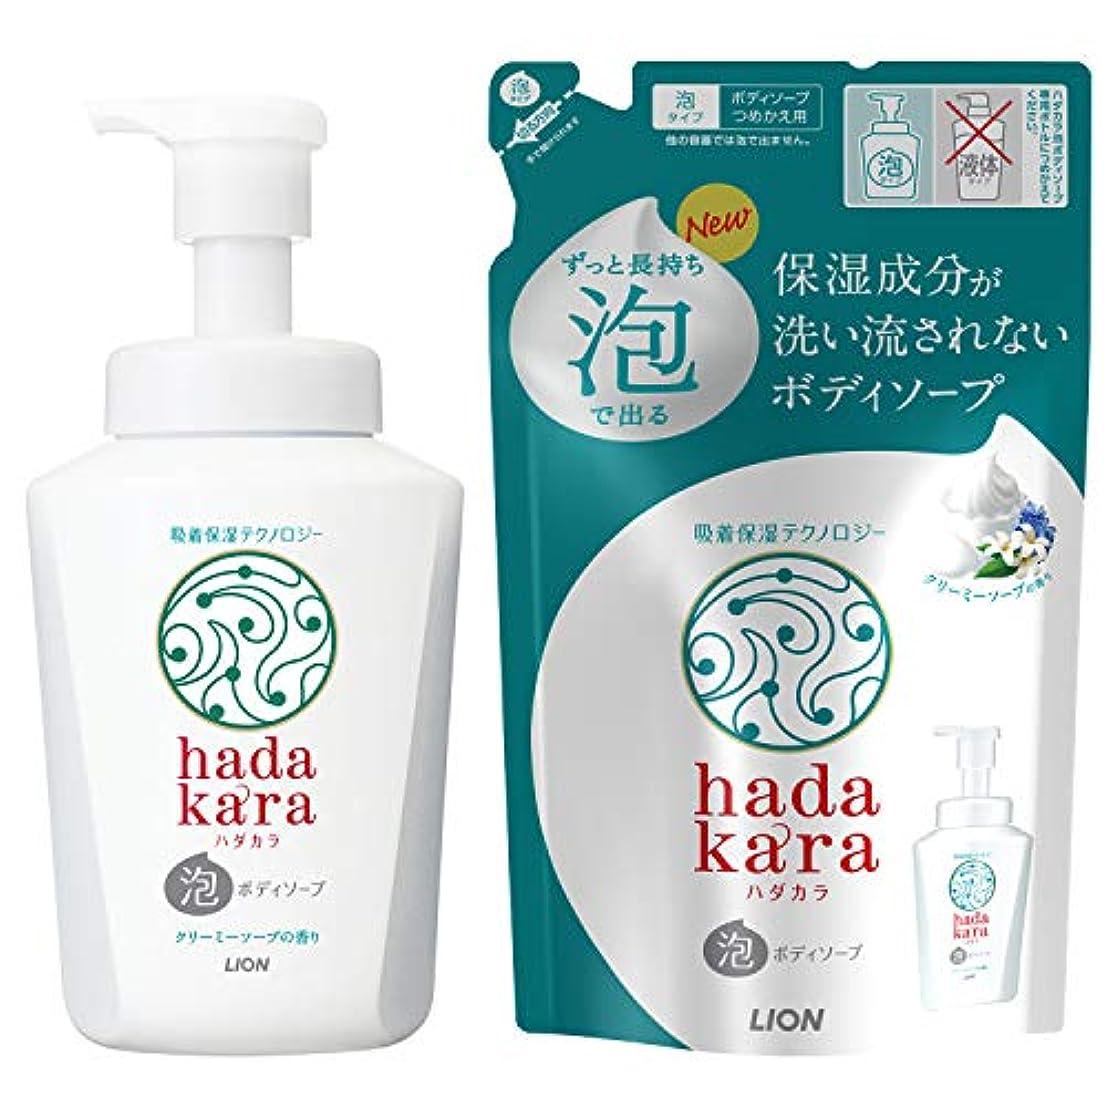 確率限界外向きhadakara(ハダカラ) ボディソープ 泡タイプ クリーミーソープの香り 本体550ml+詰替440ml 1